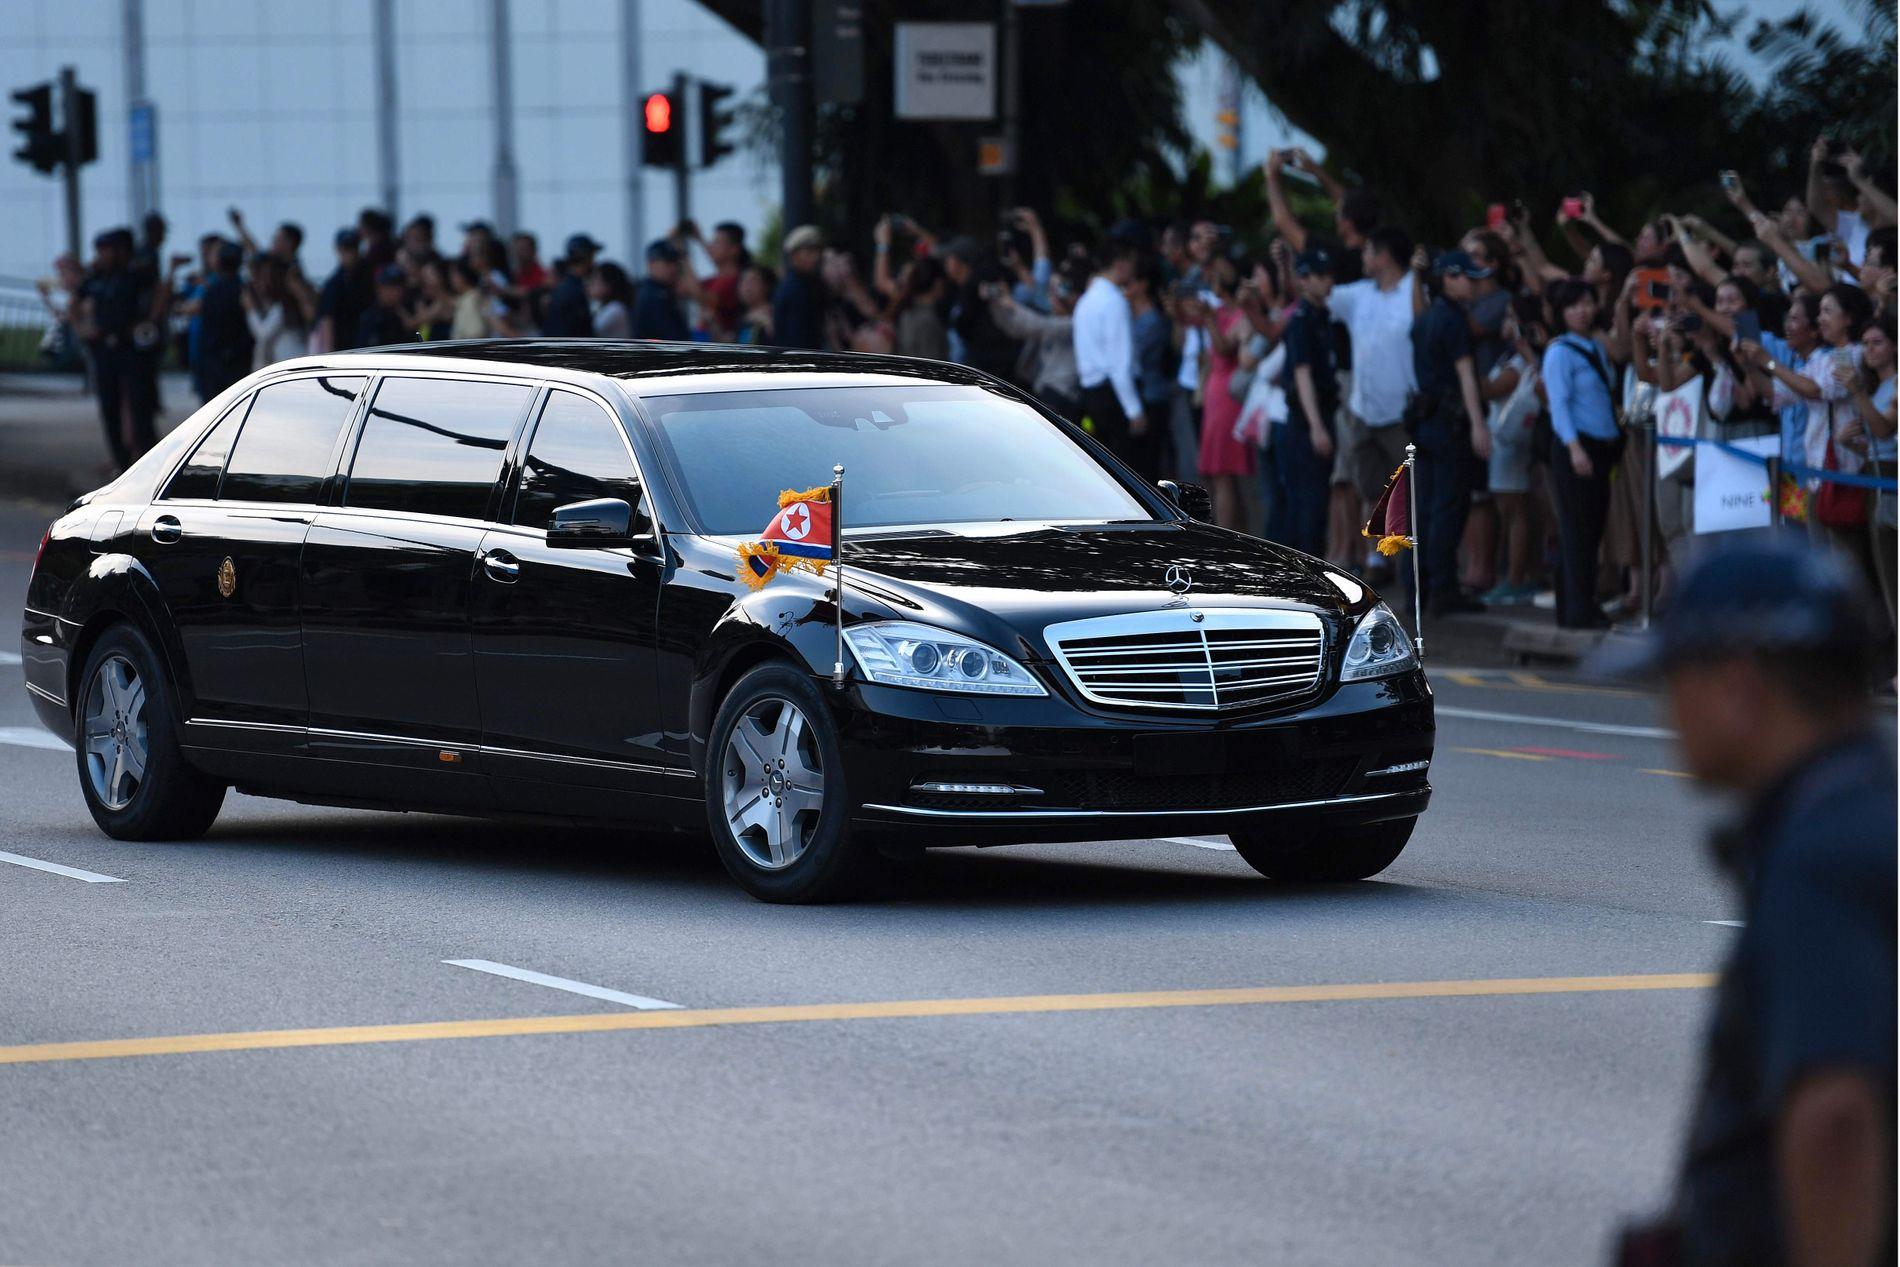 MØTT MED JUBEL: Mange skuelystne hadde møtt opp for å få et glimt av Nord-Koreas leder Kim Jong-un, her på vei til presidentpalasset i Singapore.